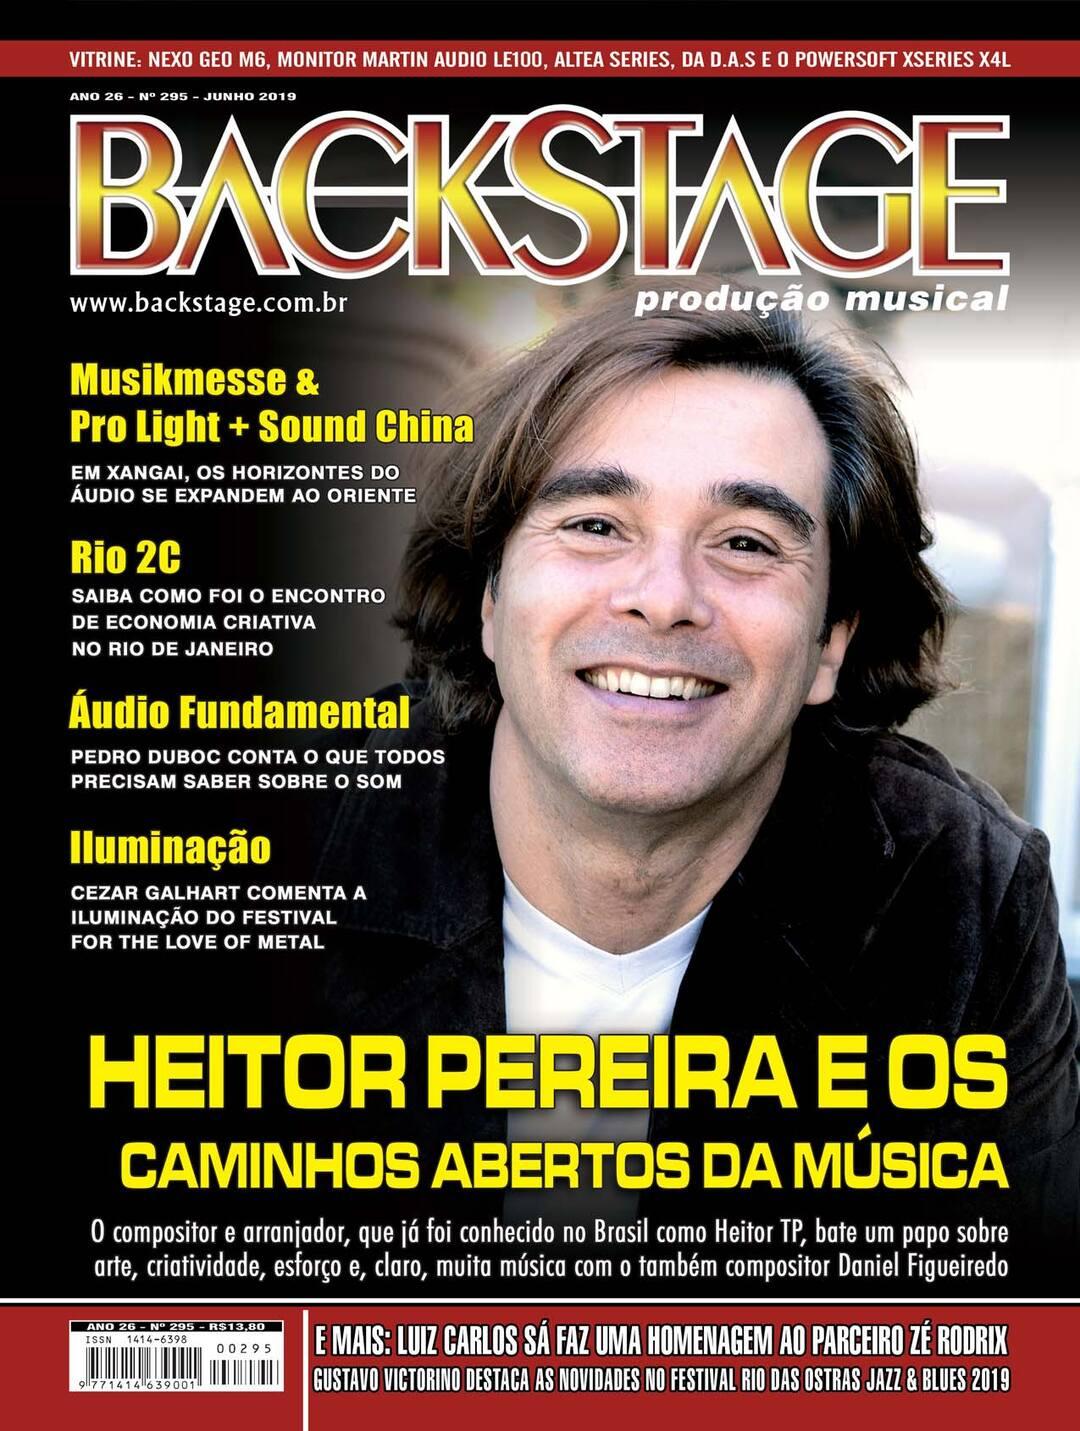 Page 1 of Edição 295 - Junho 2019 - Revista Backstage